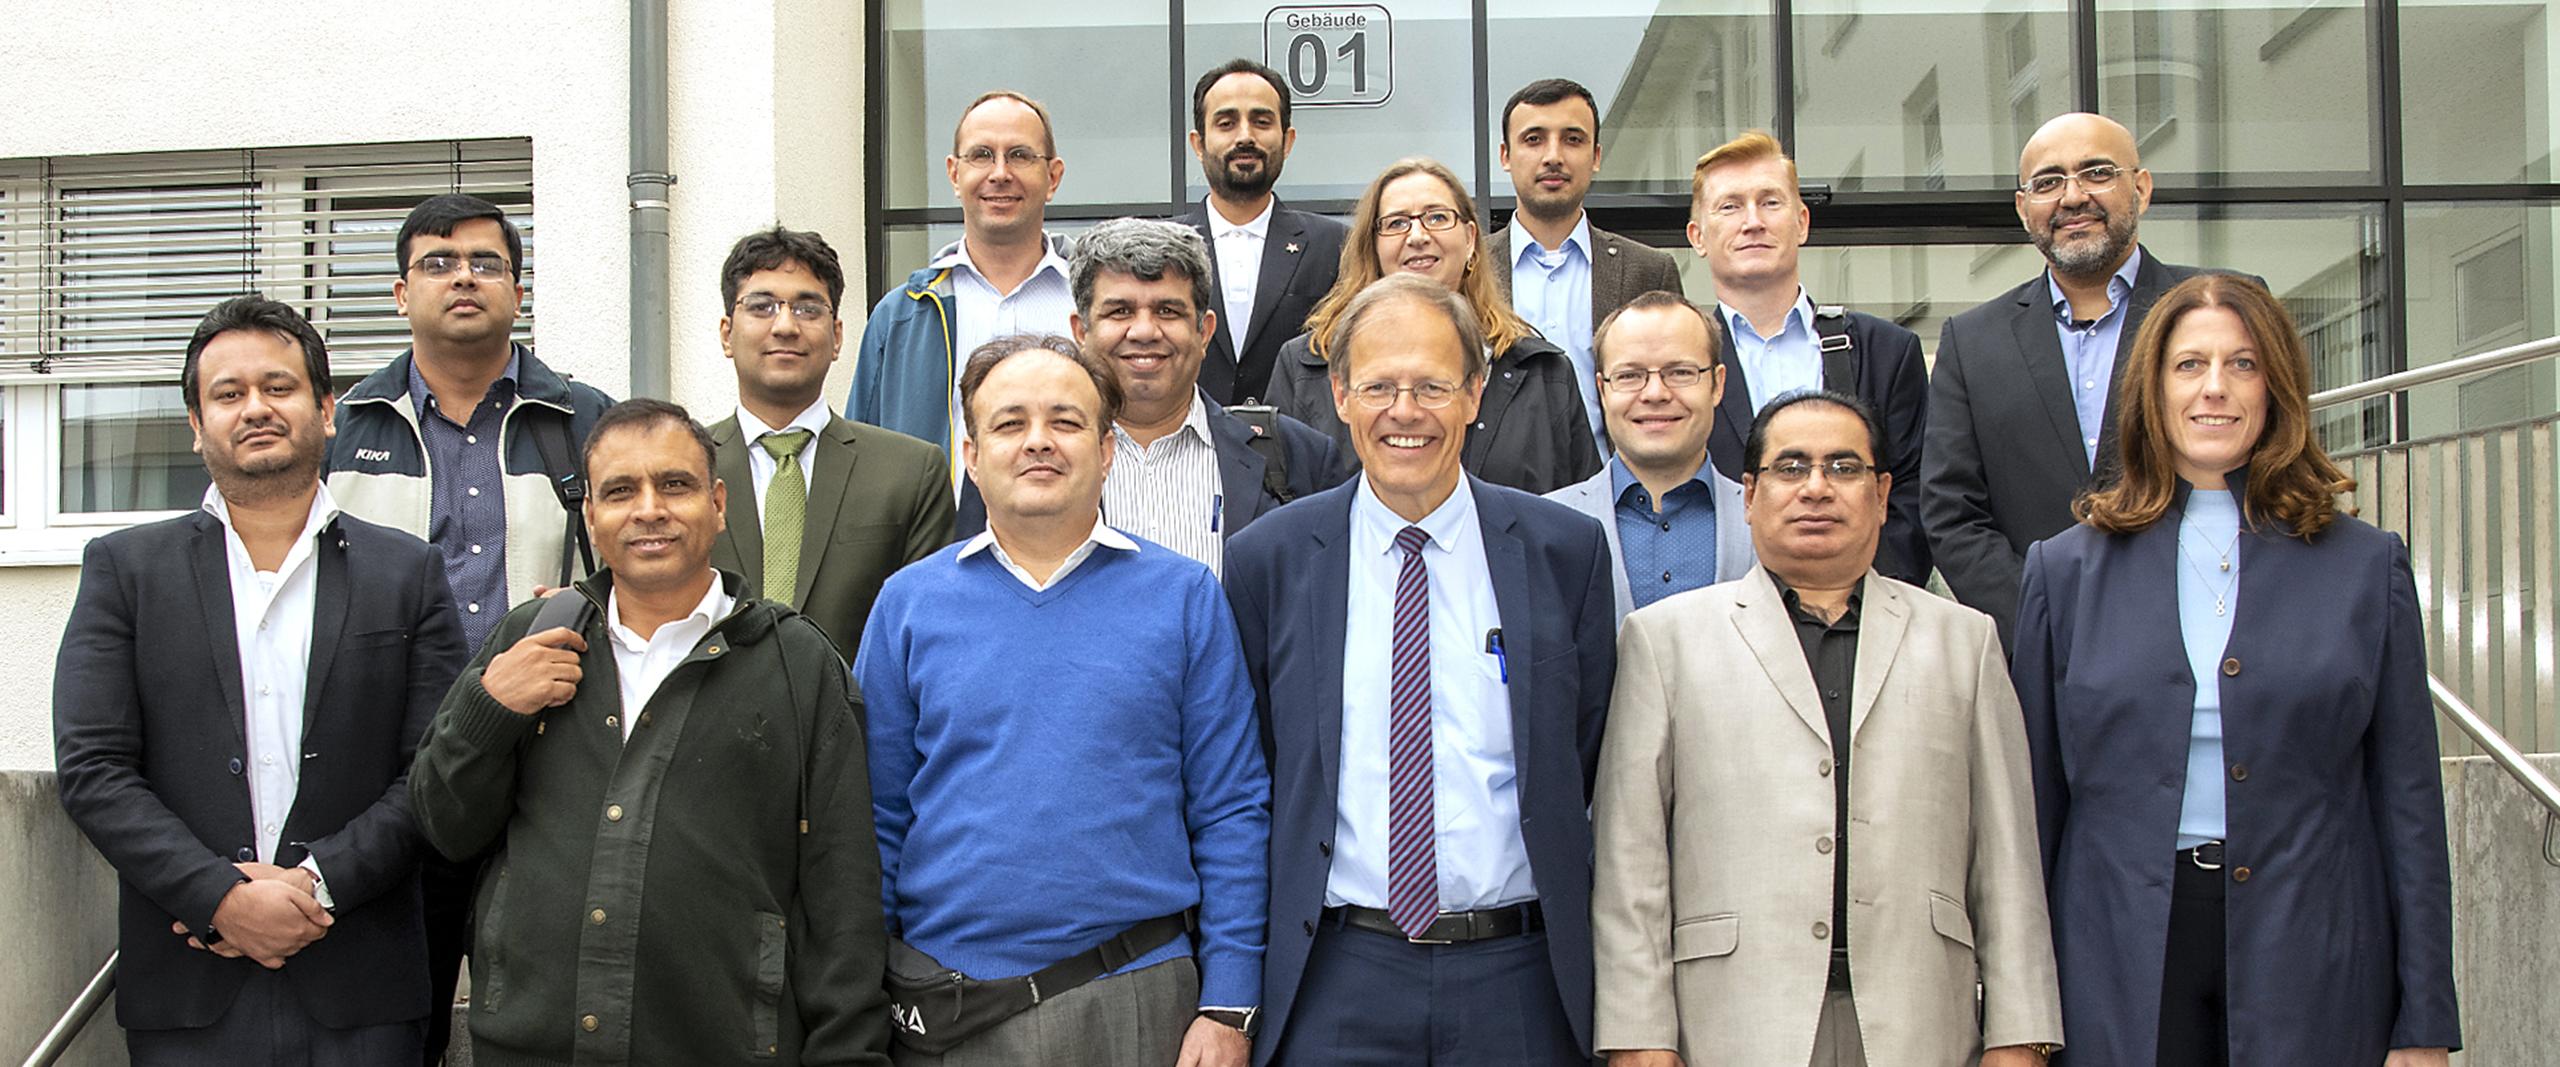 Vertreter des pakistanischen Gesundheitssystems zu Besuch am Universitätsklinikum Bonn